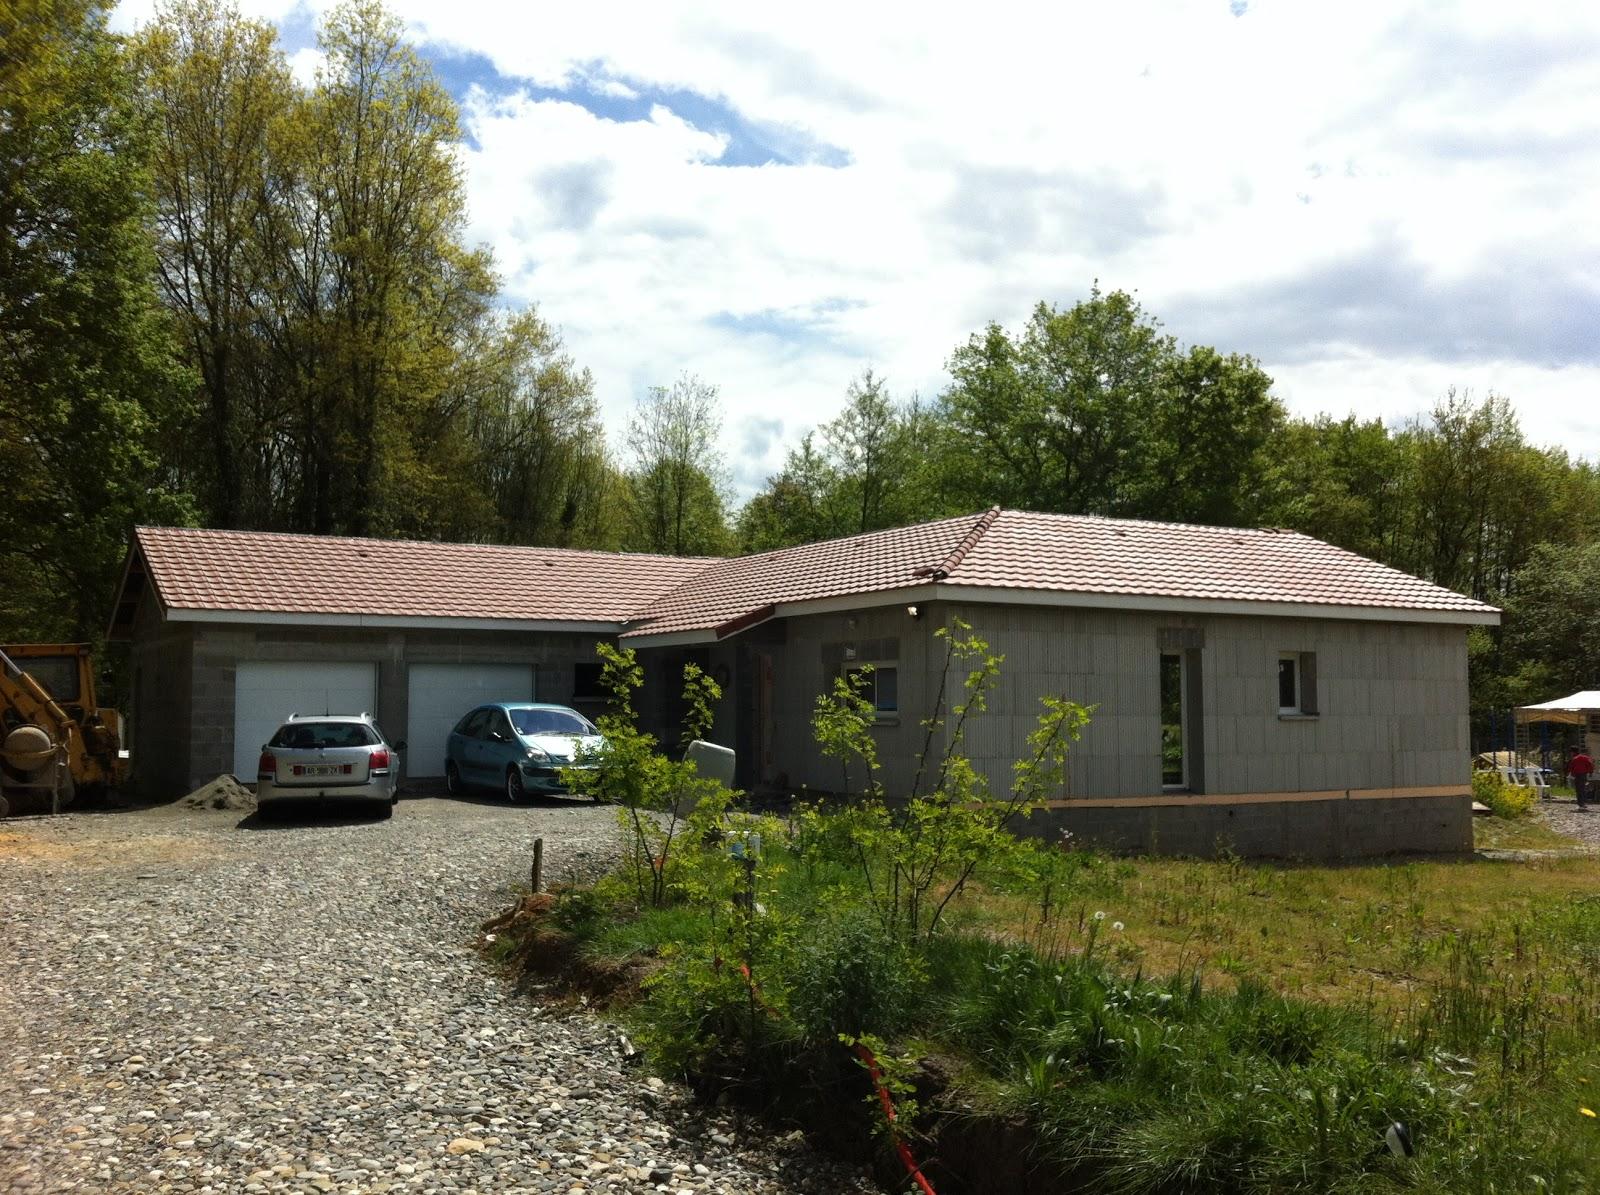 Notre projet maison euromac 2 maison hors d 39 eau hors d 39 air for Maison traditionnelle hors d eau hors d air